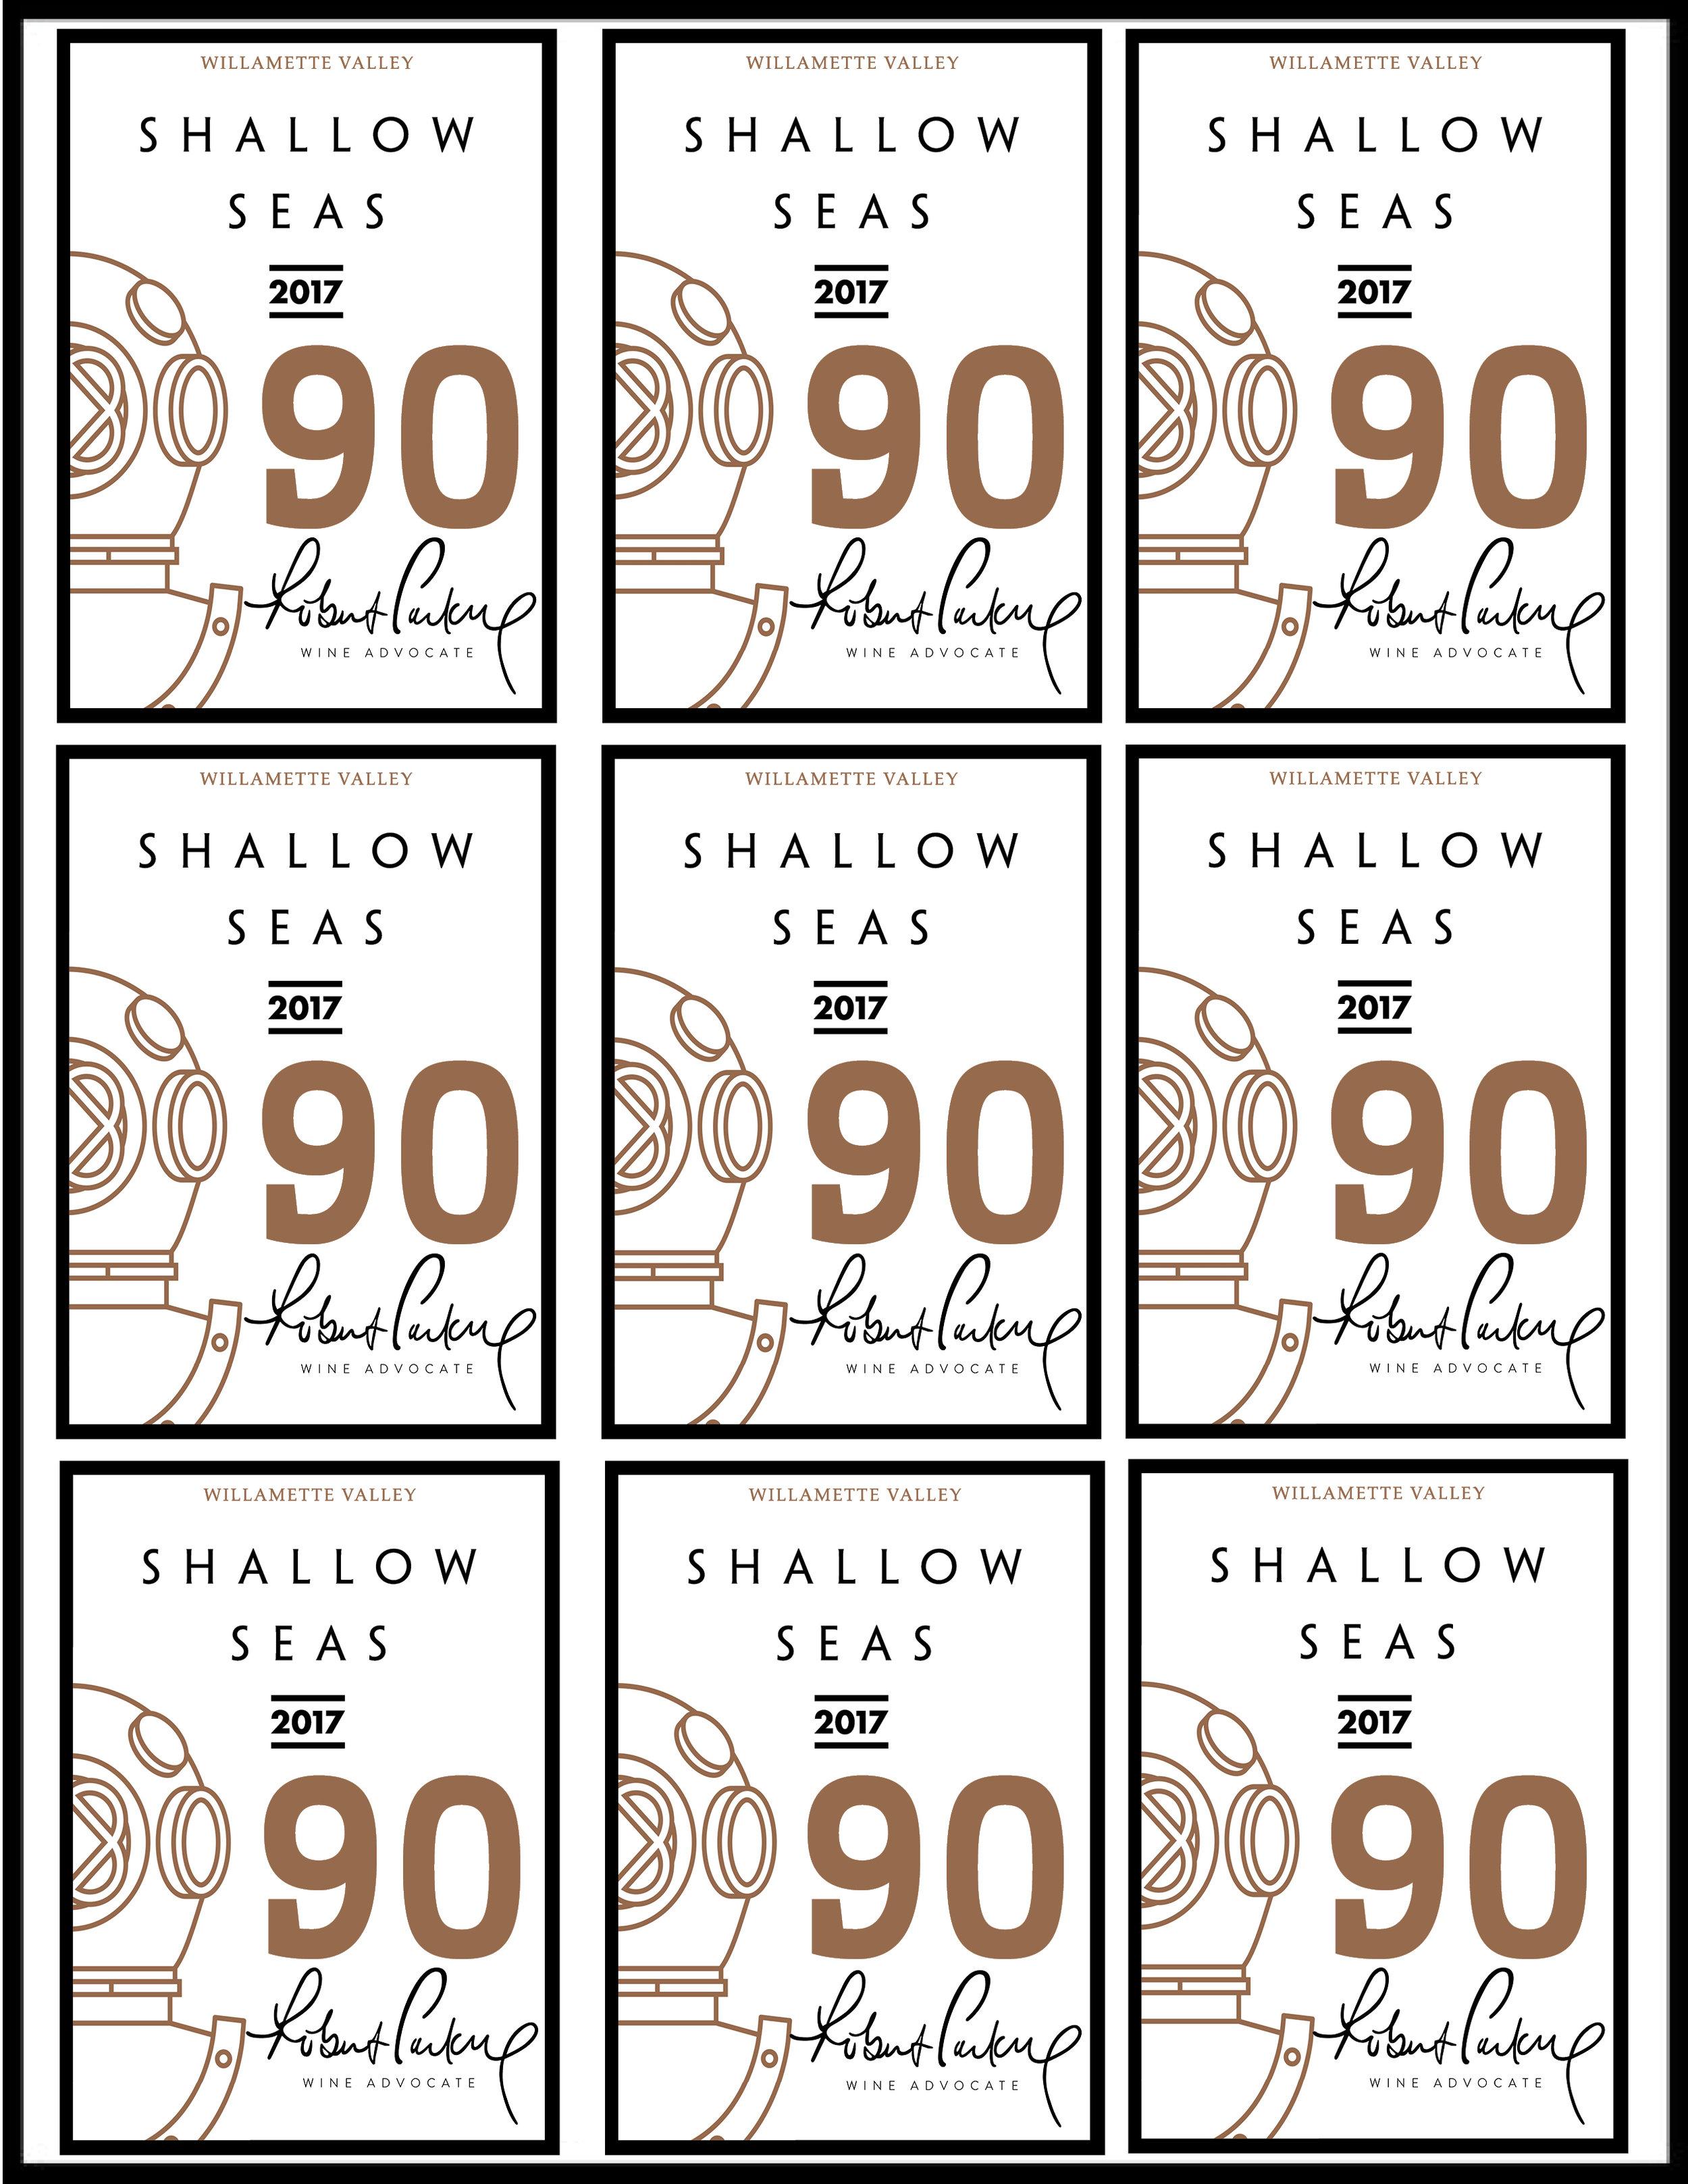 2017-shallow-seas-90-points-wine-advocate-shelf-talker3.jpg